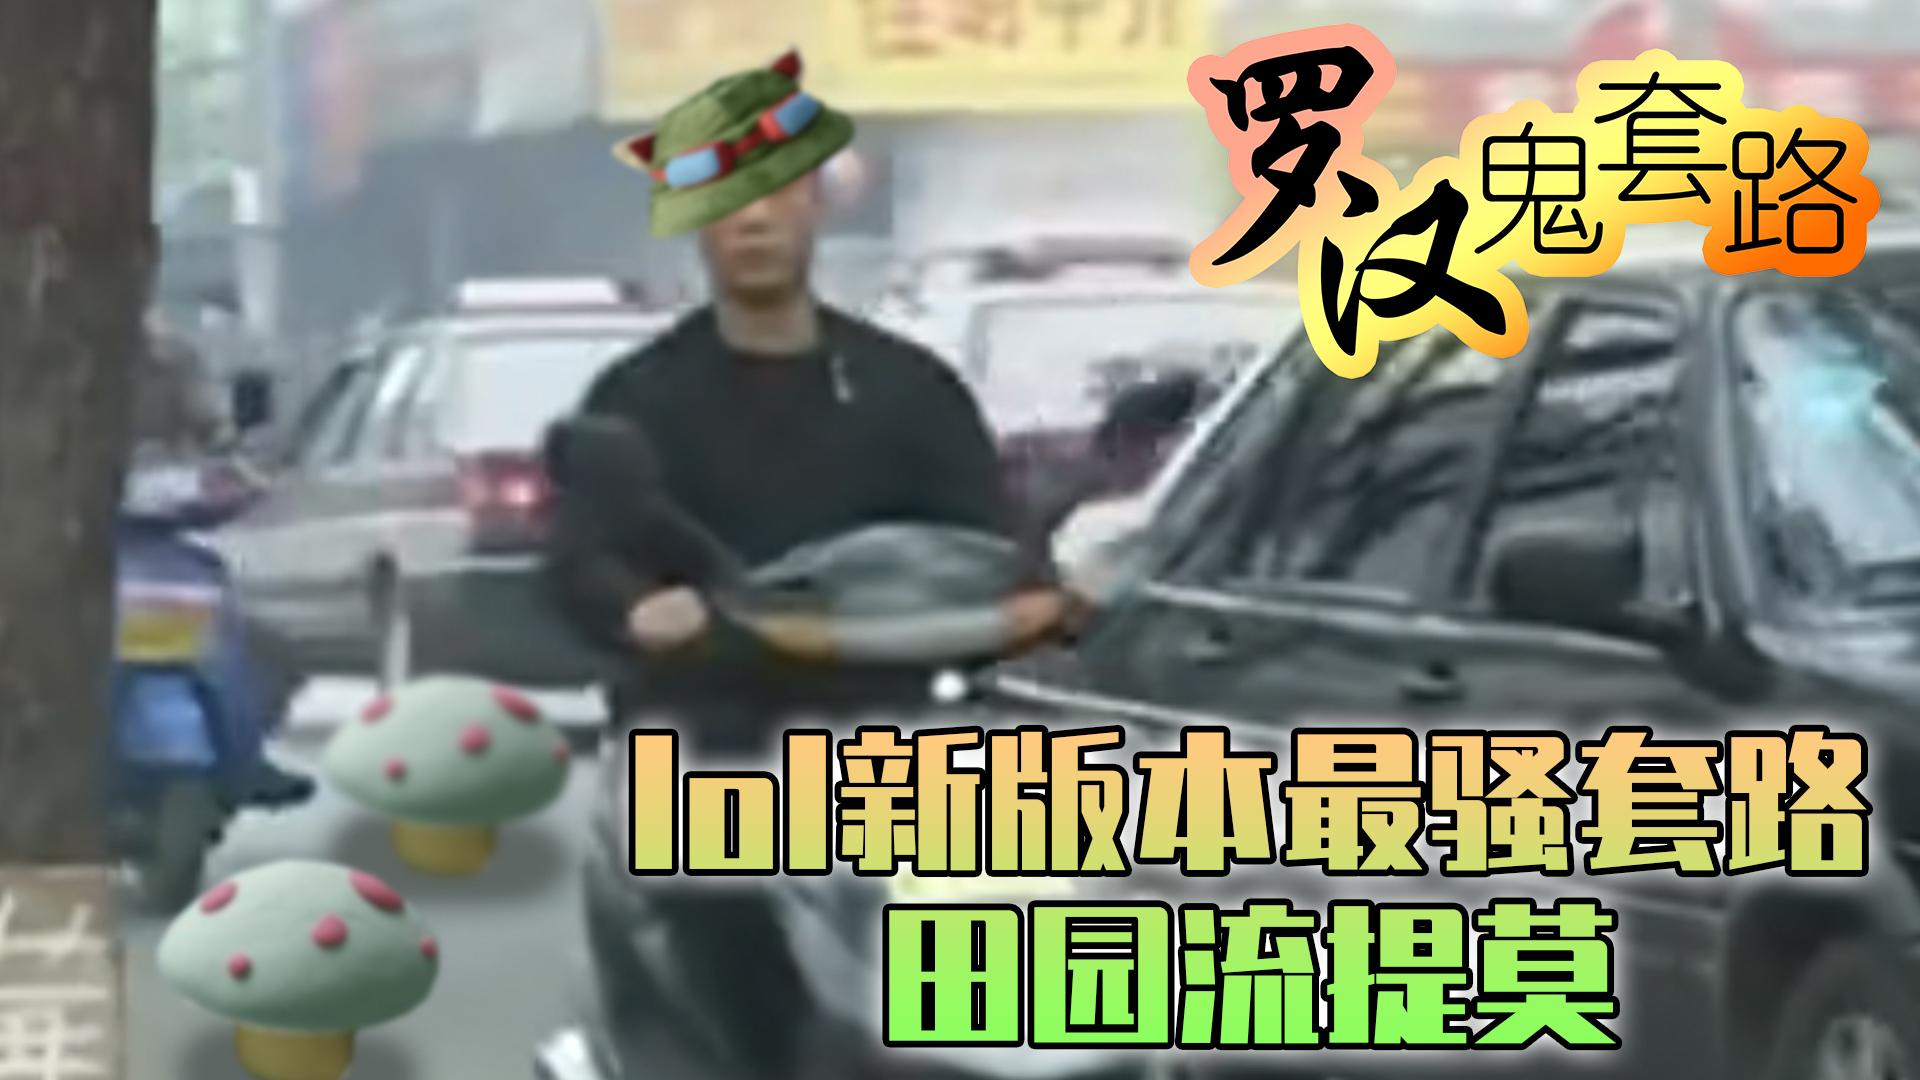 【罗汉鬼套路】LOL新版本最骚套路 田园流提莫!!